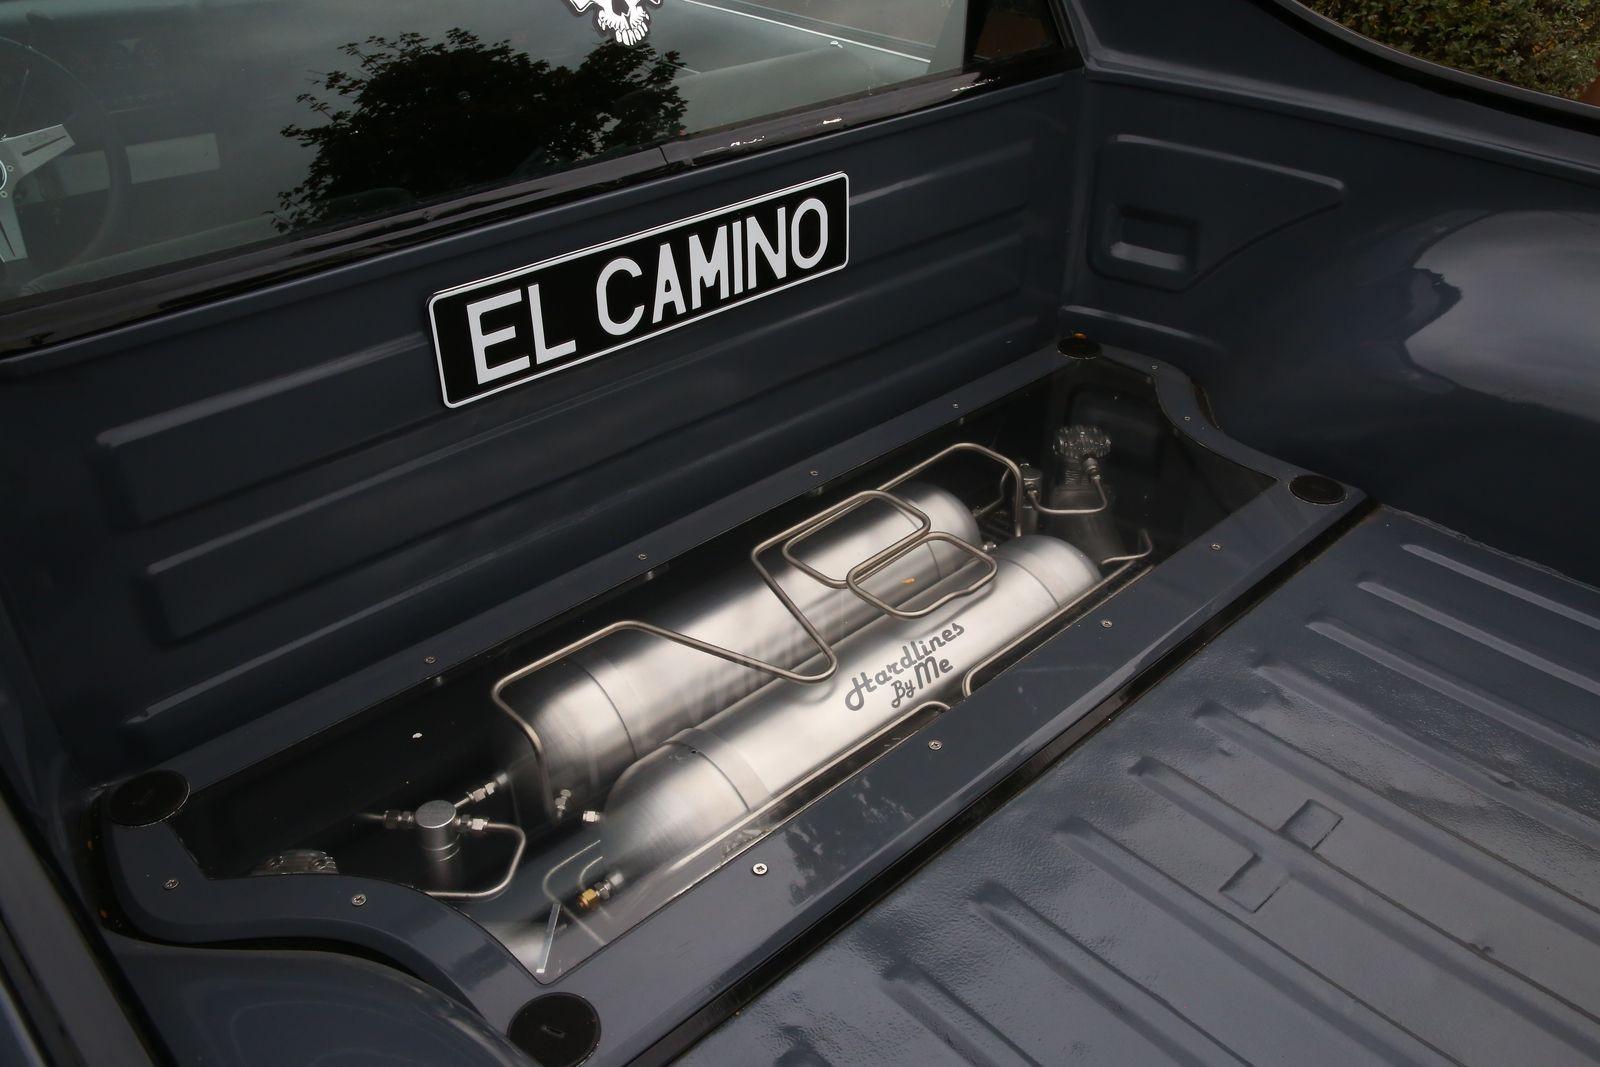 Пневма, кожа и новый (!) мотор: опыт владения Chevrolet El Camino 1974